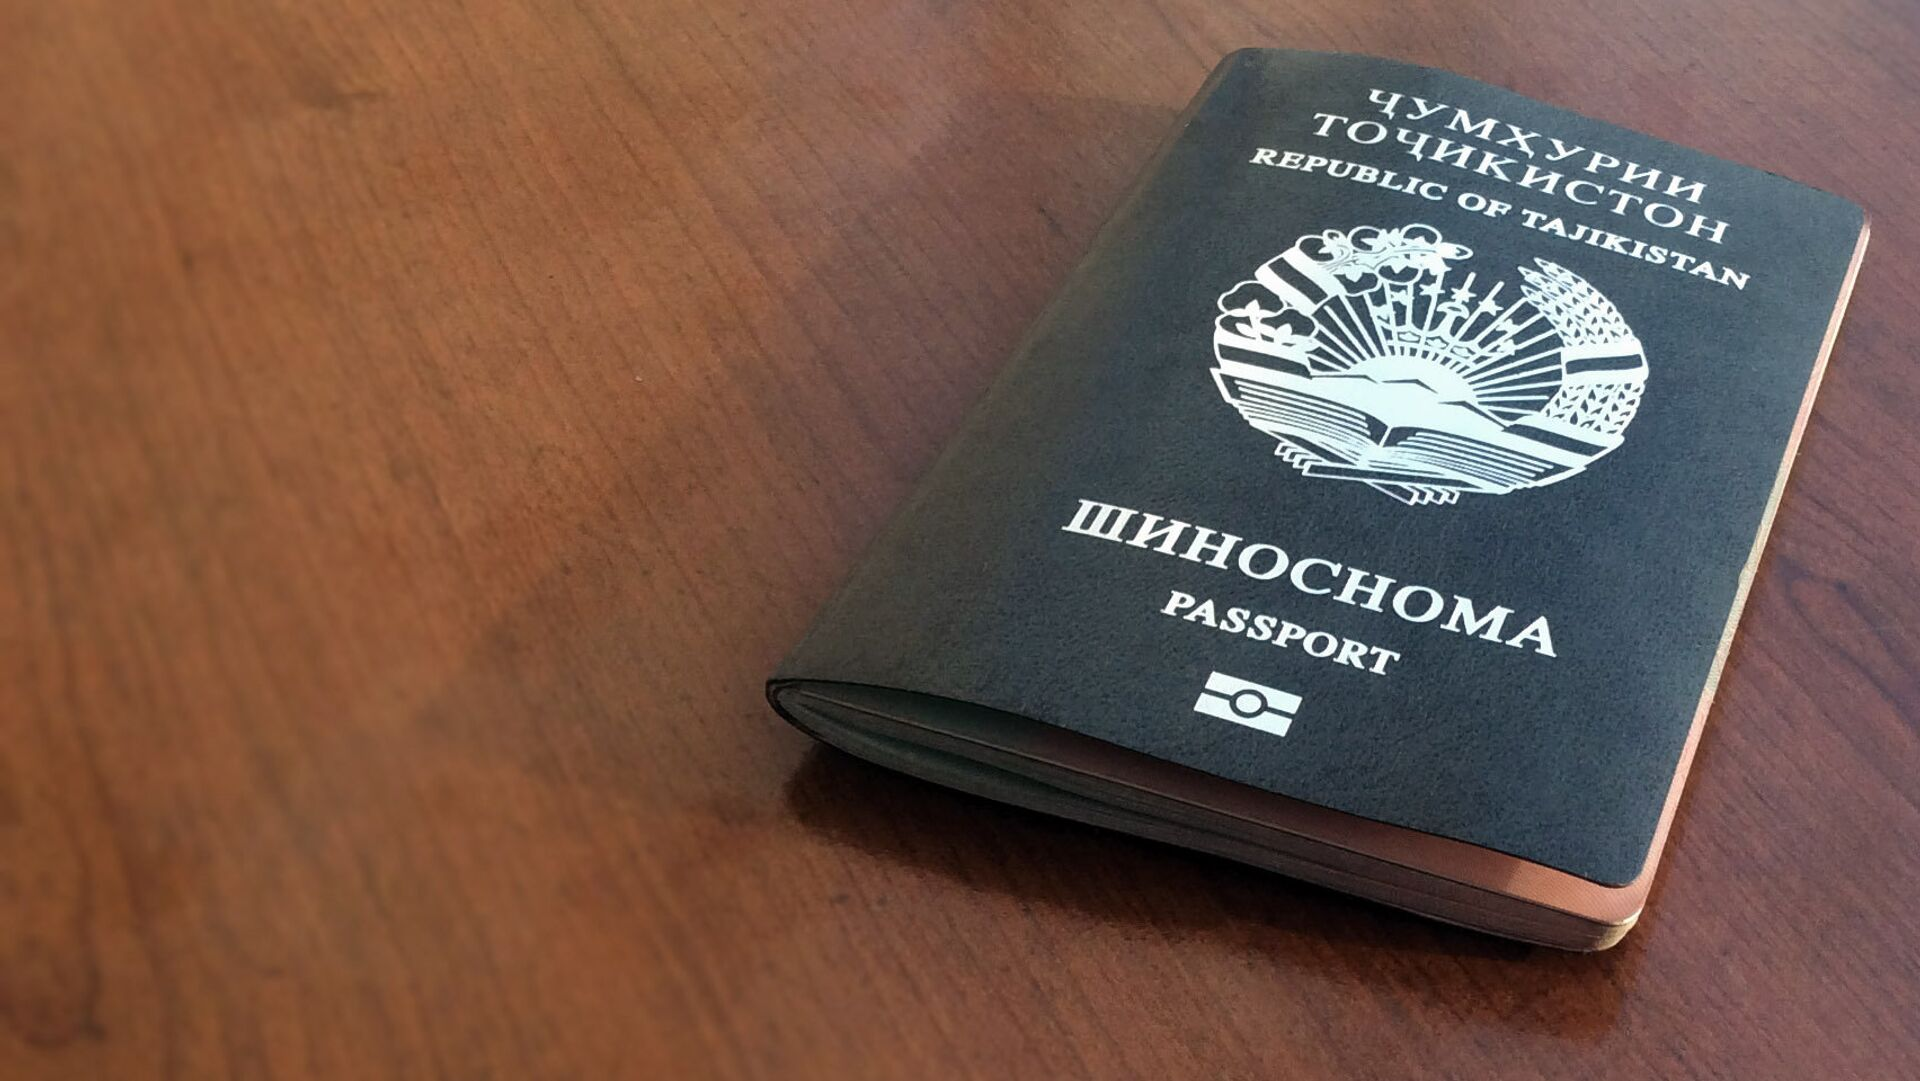 Заграничный биометрический паспорт гражданина РТ, архивное фото - Sputnik Таджикистан, 1920, 06.06.2021